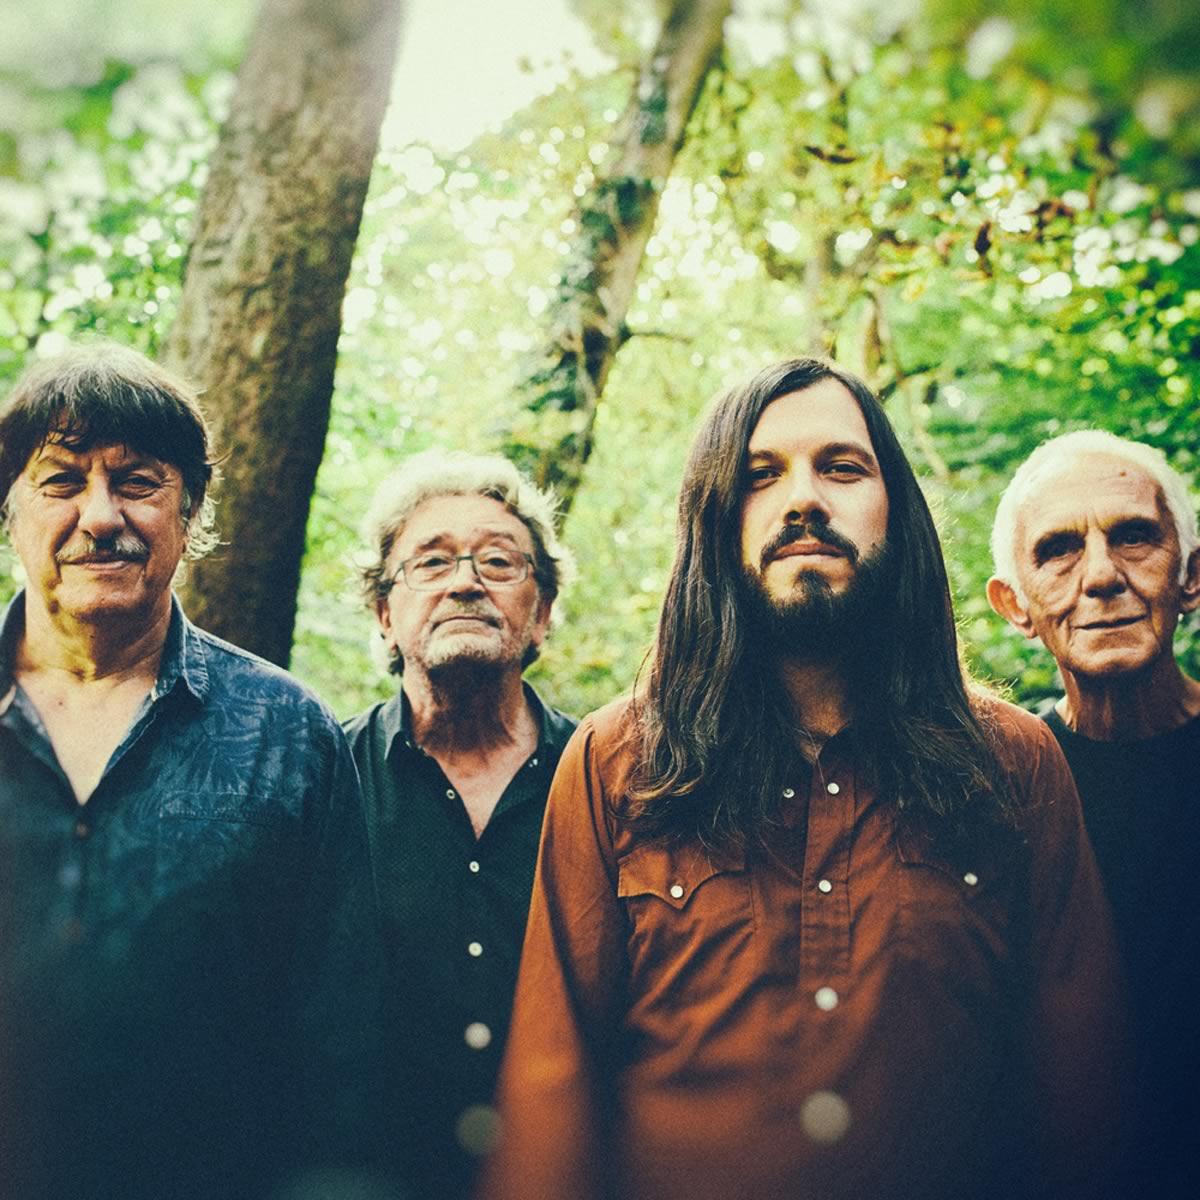 A Woodstock Reunite (c) Rob Blackham